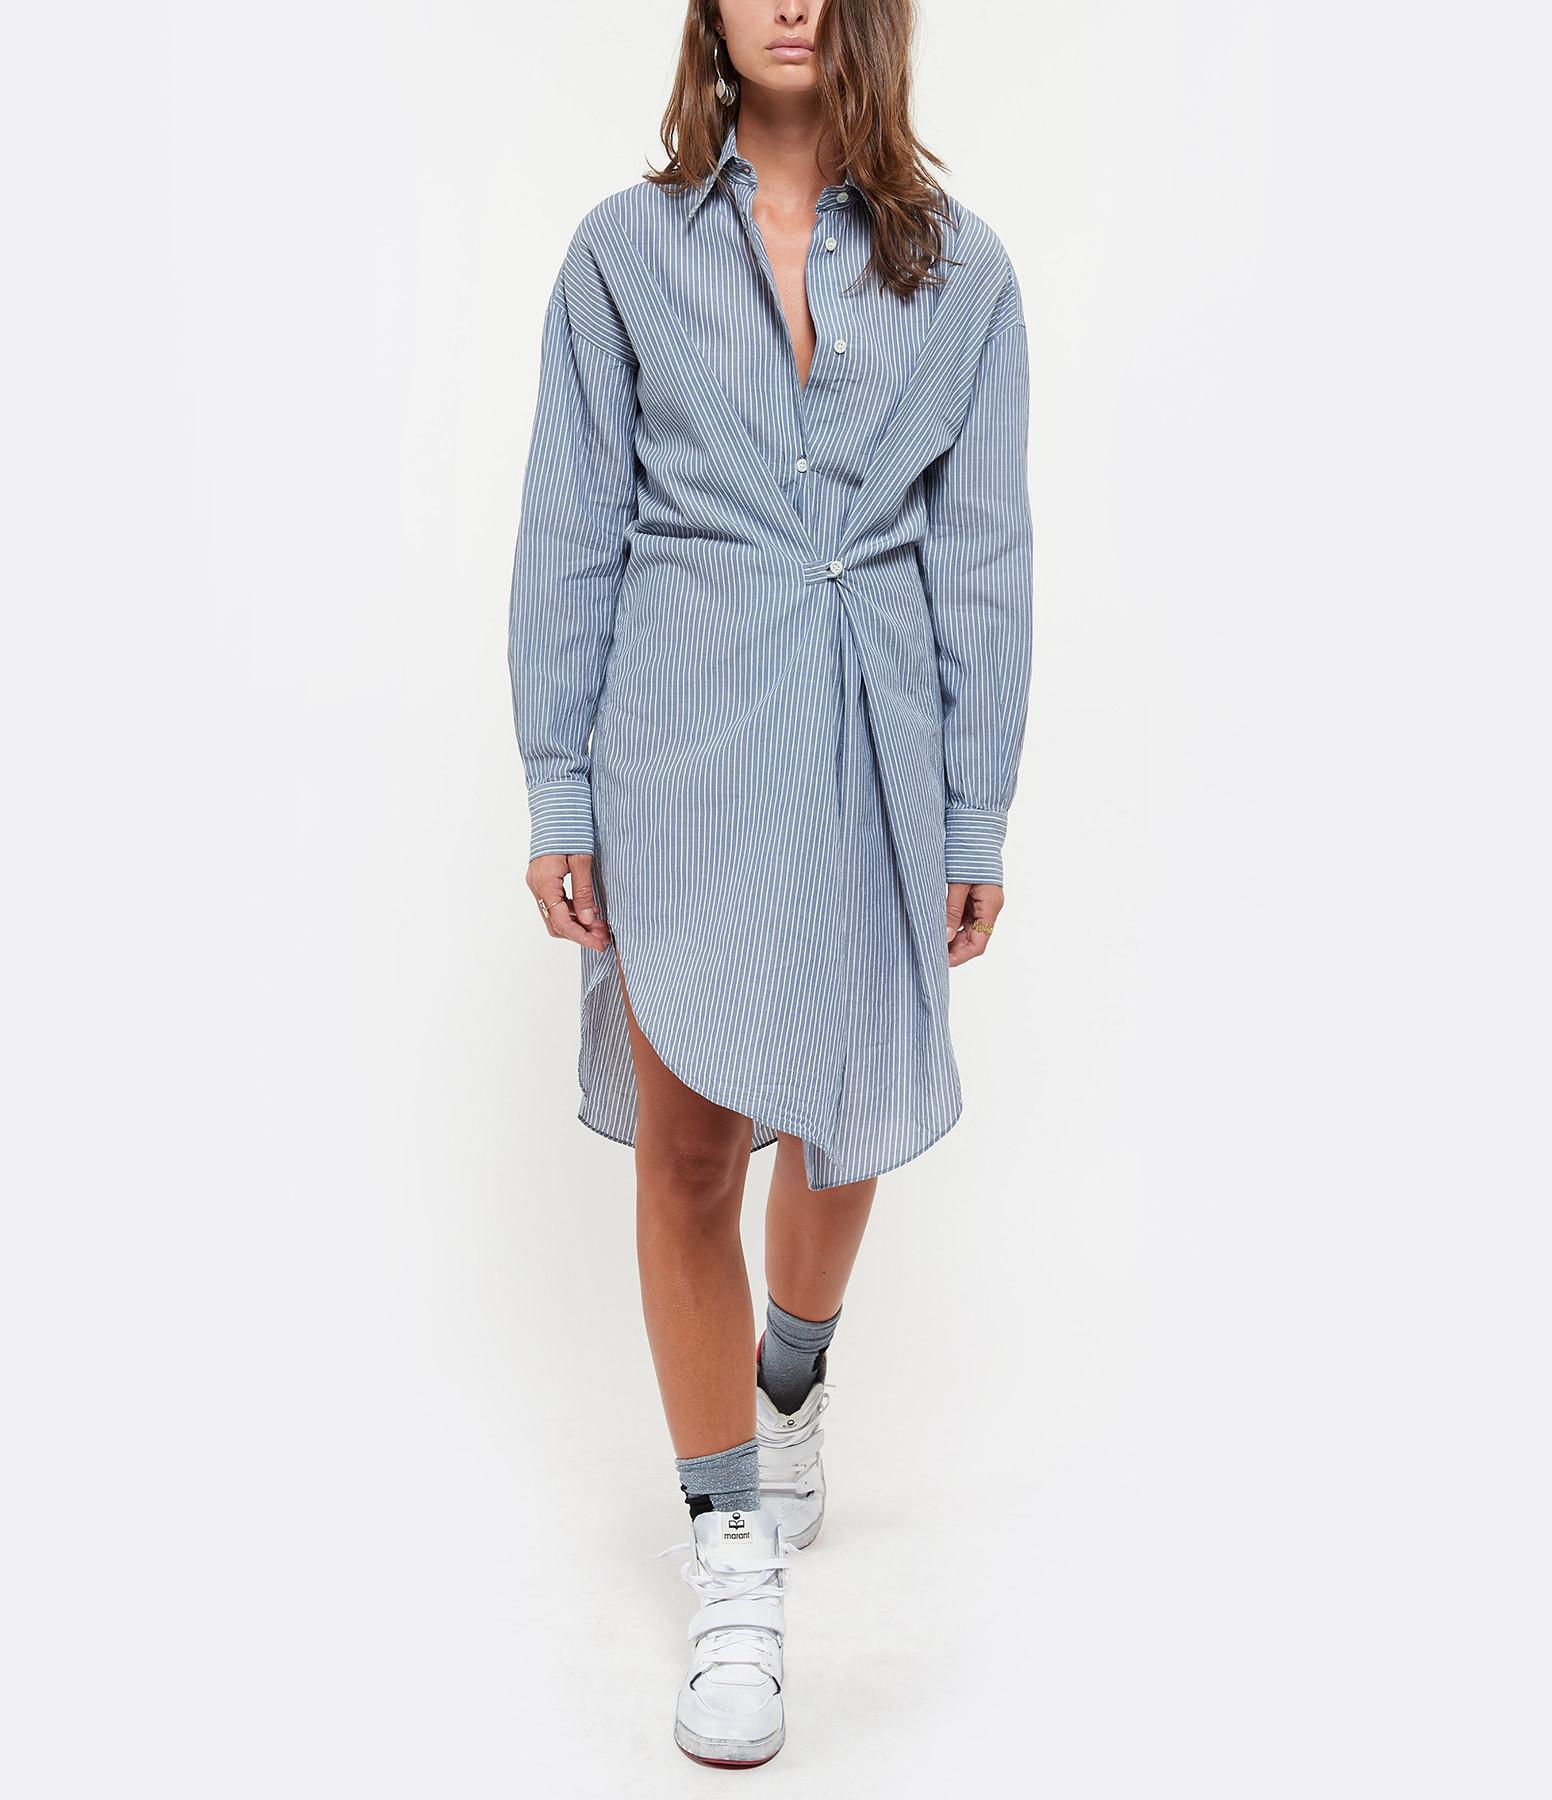 ISABEL MARANT ÉTOILE - Robe Seen Coton Bleu